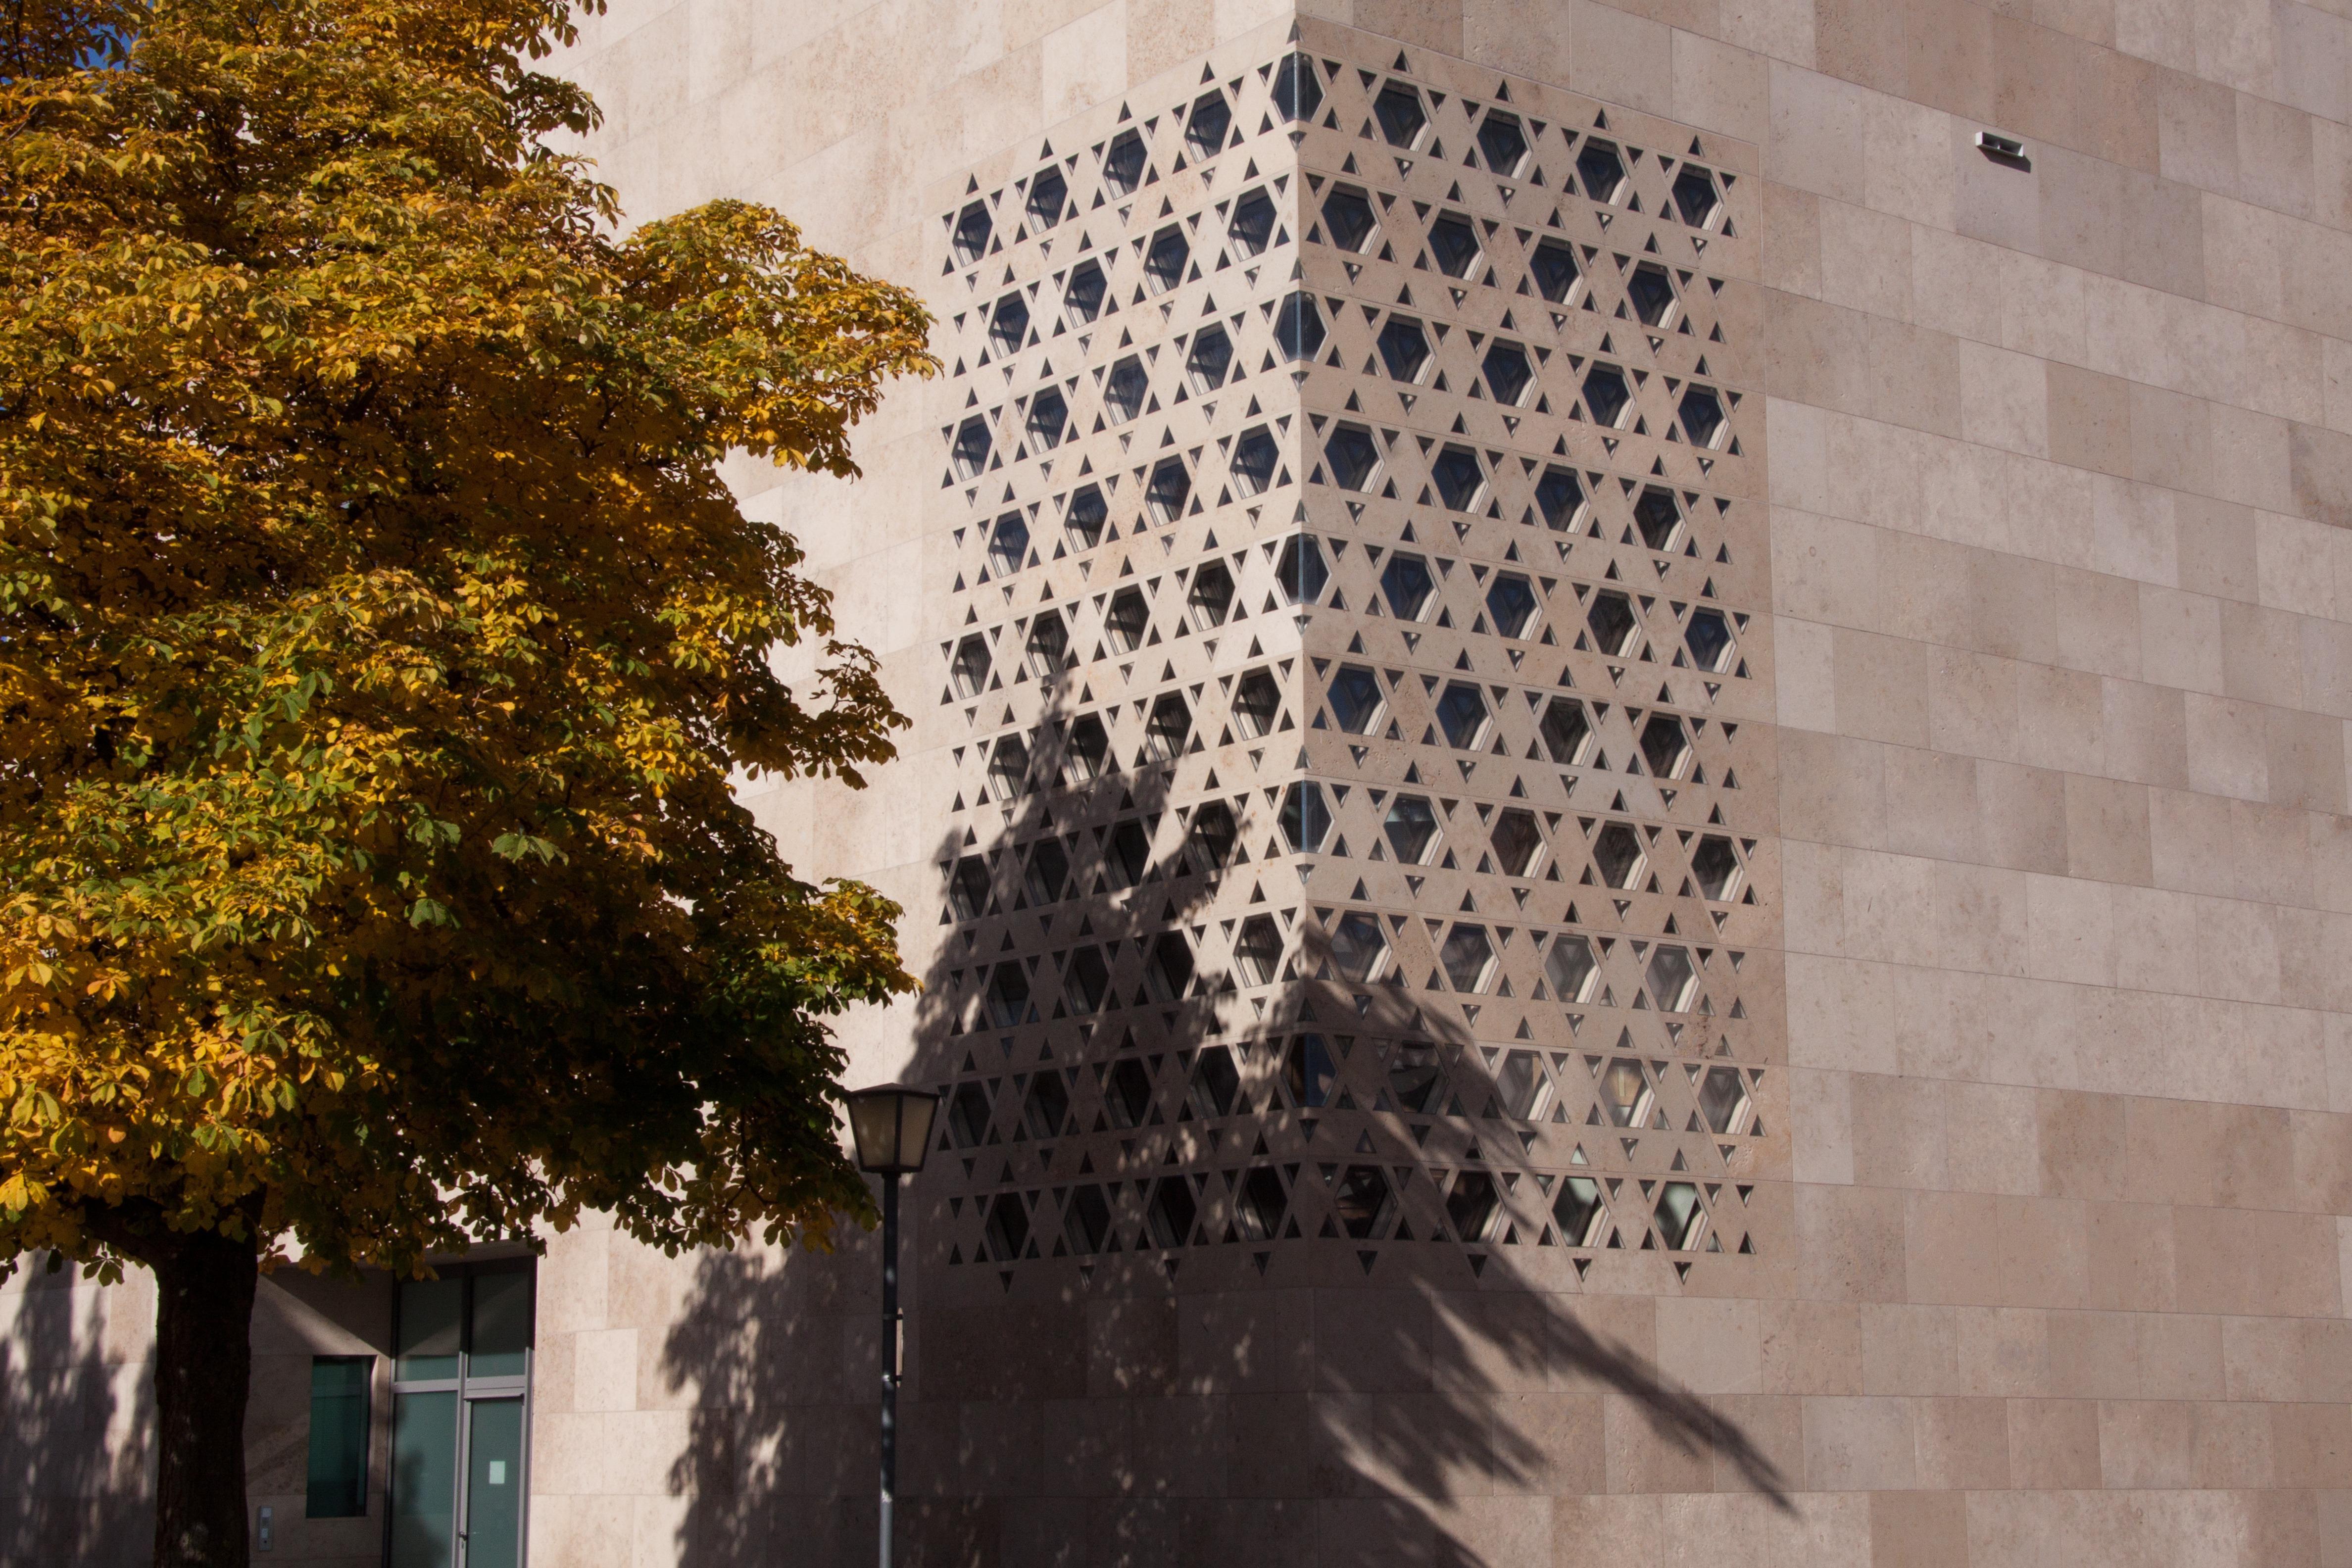 Kostenlose Foto Die Architektur Fenster Glas Gebäude: Kostenlose Foto : Baum, Die Architektur, Haus, Fenster